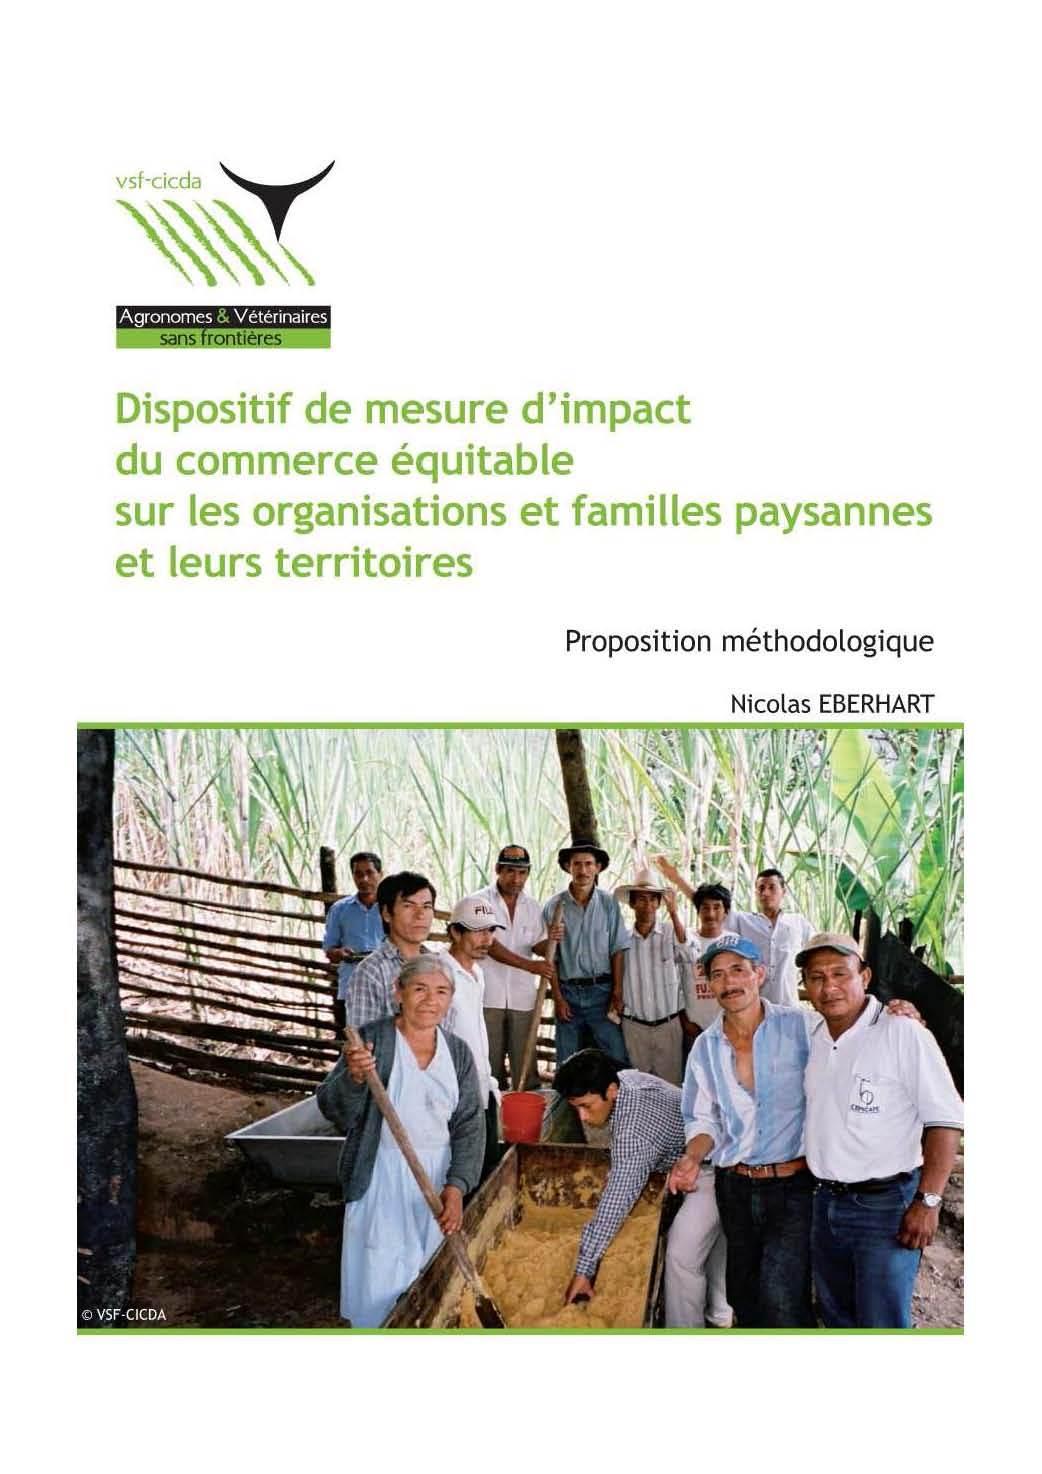 Thumbnail - Dispositif de mesure d'impact du commerce équitable sur les organisations et familles paysannes et leurs territoires